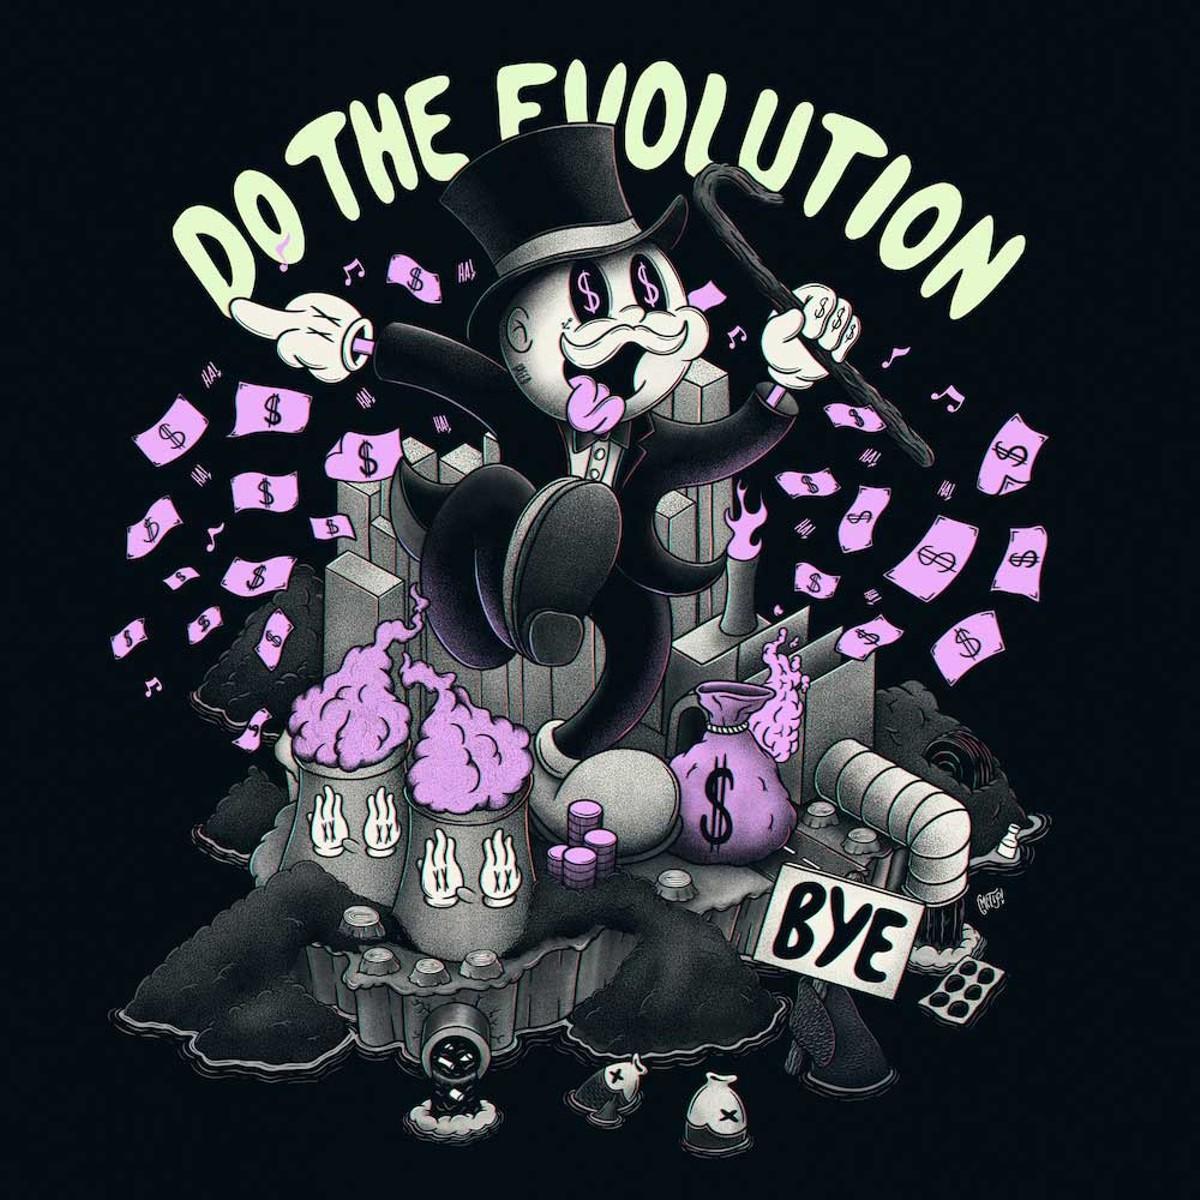 'Do the Evolution,' by Leonardo Bianchi/GMcFly